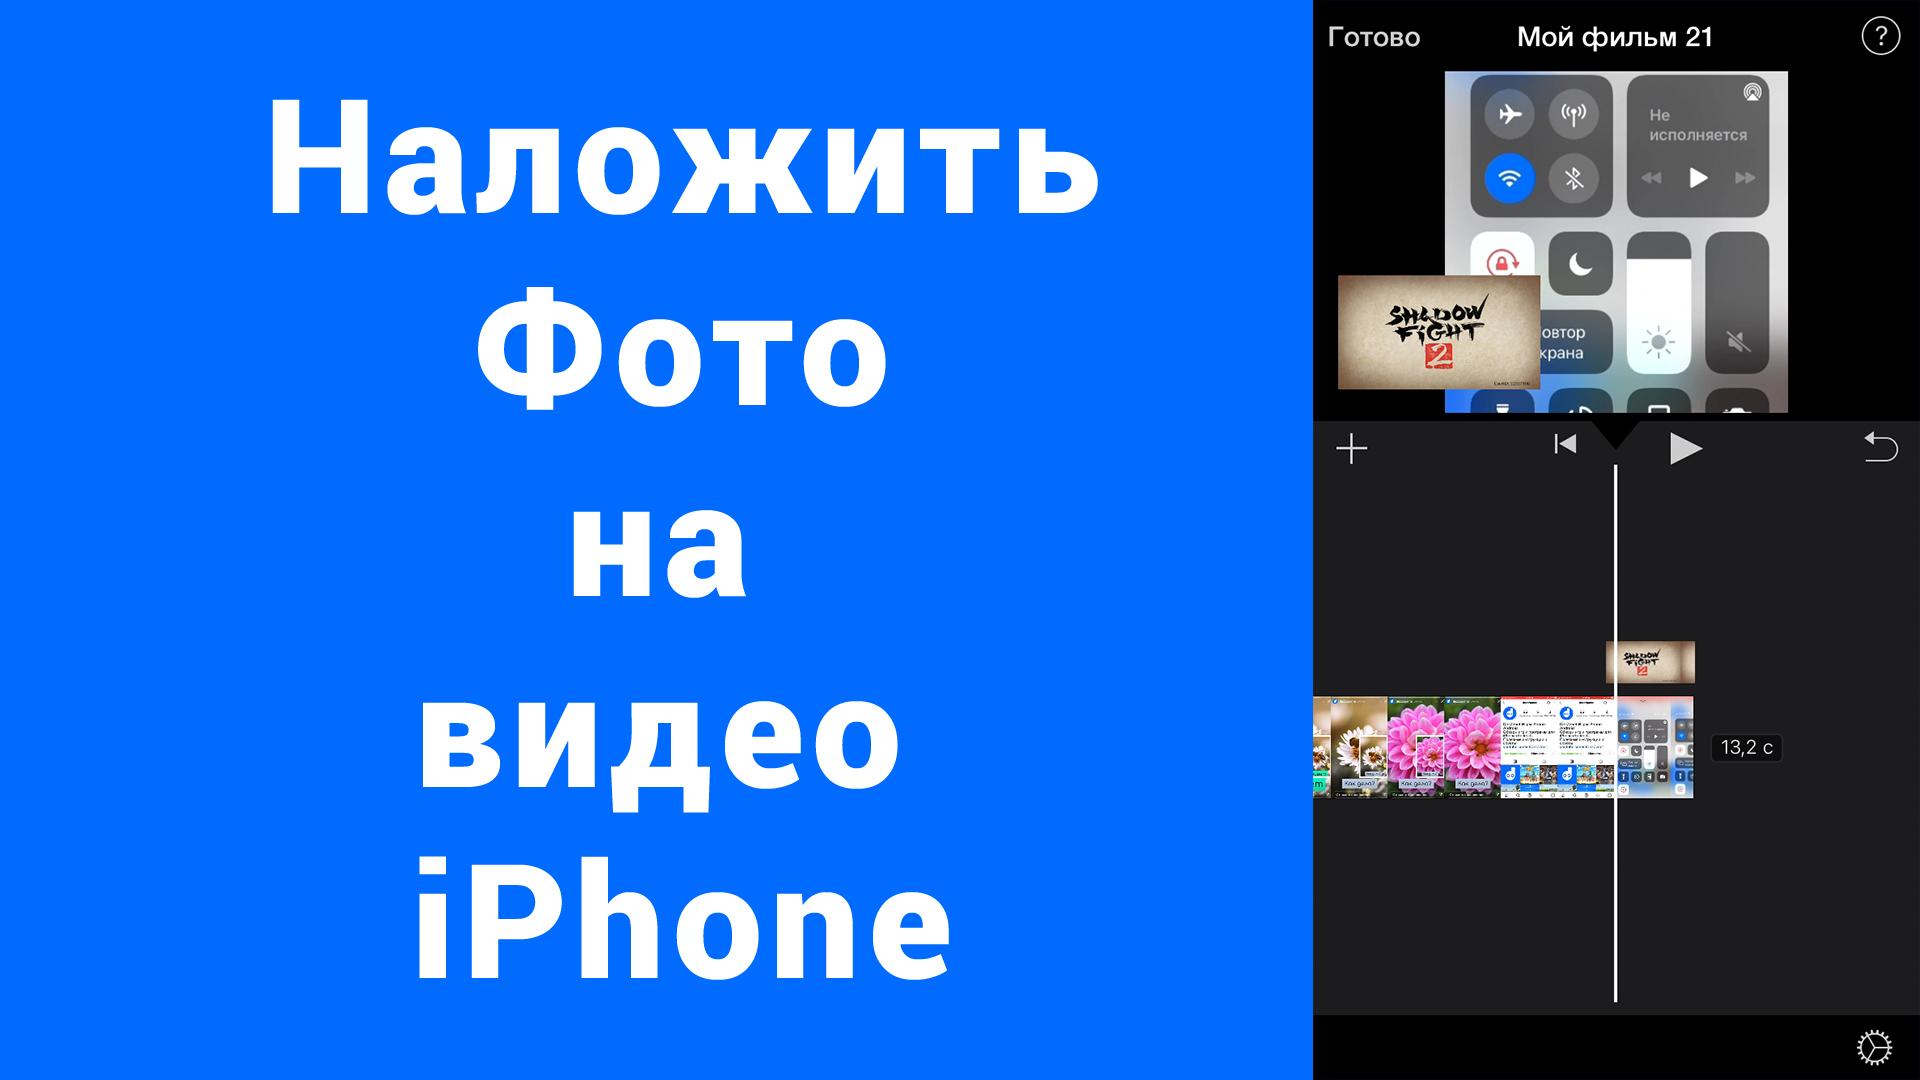 Наложить на видео фото iPhone iMovie (изображение вертикальное)